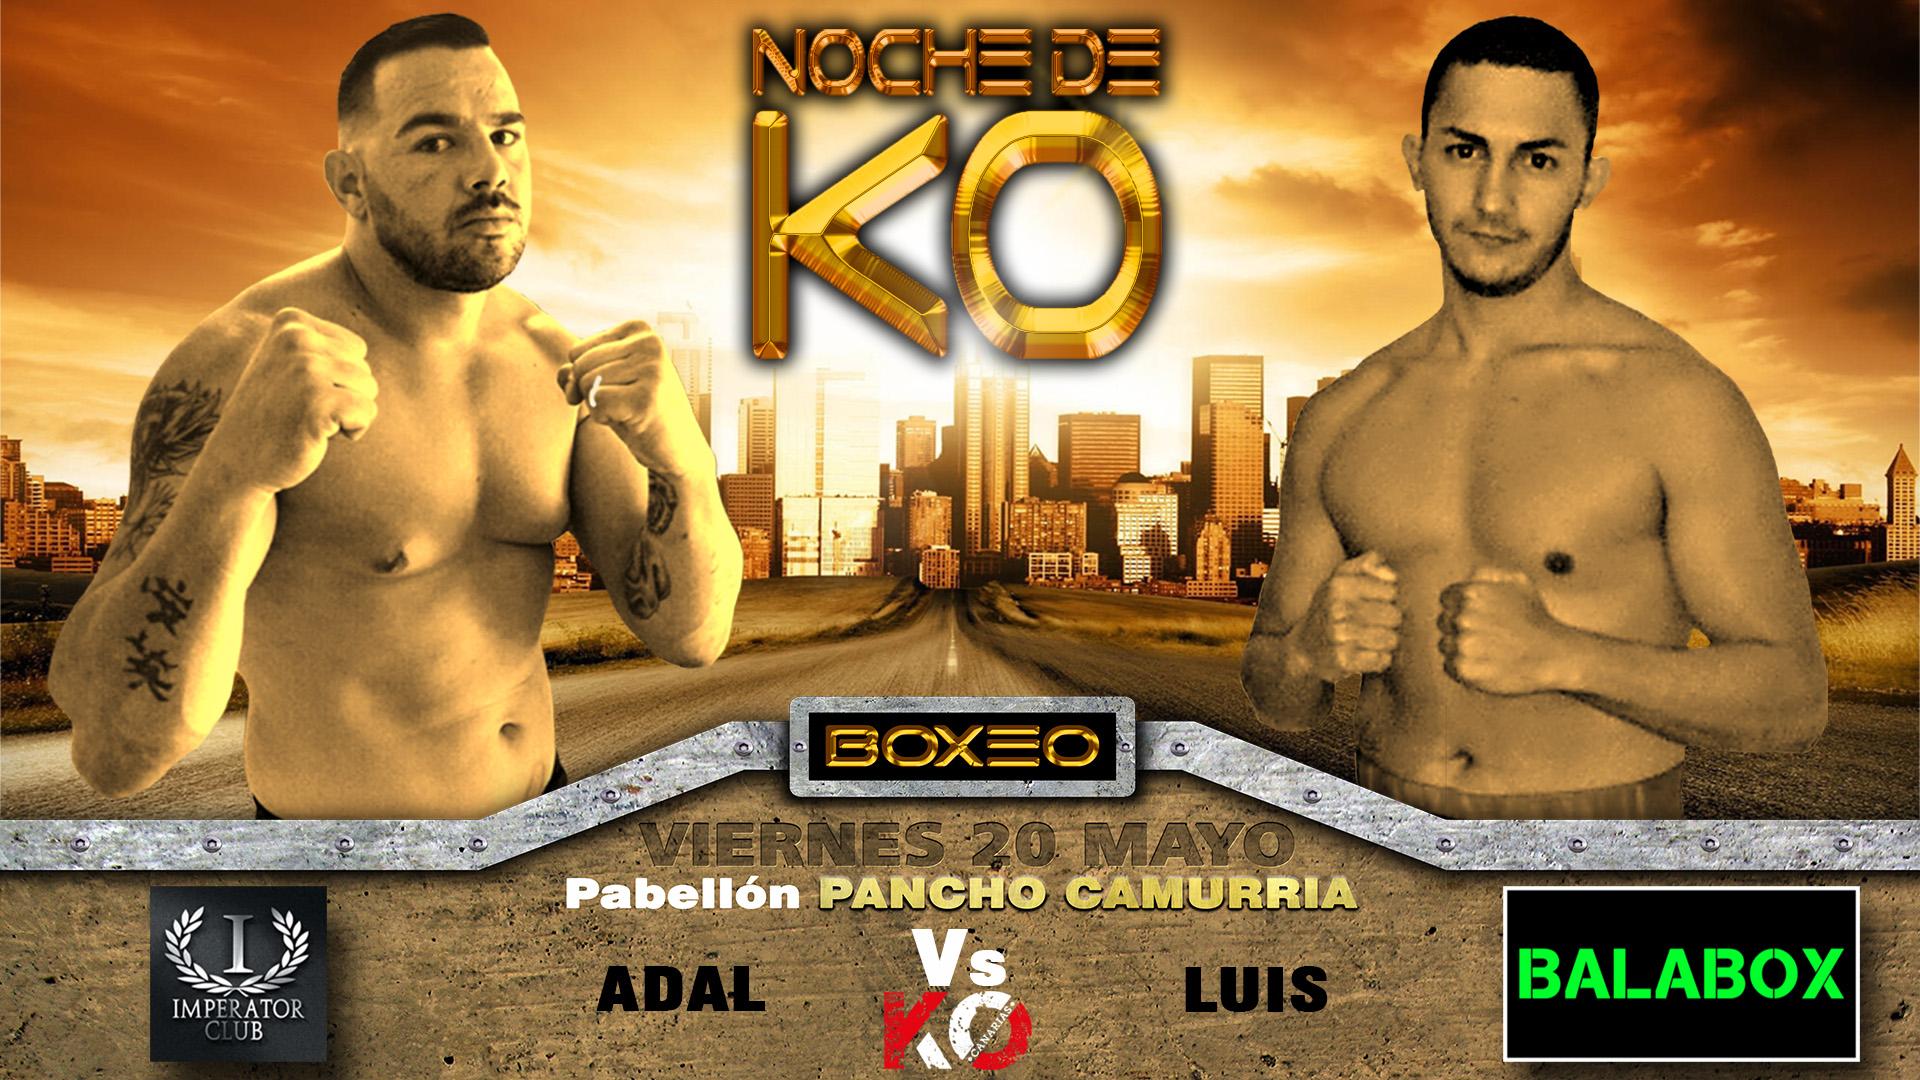 6- adal vs luis, Noche de KO